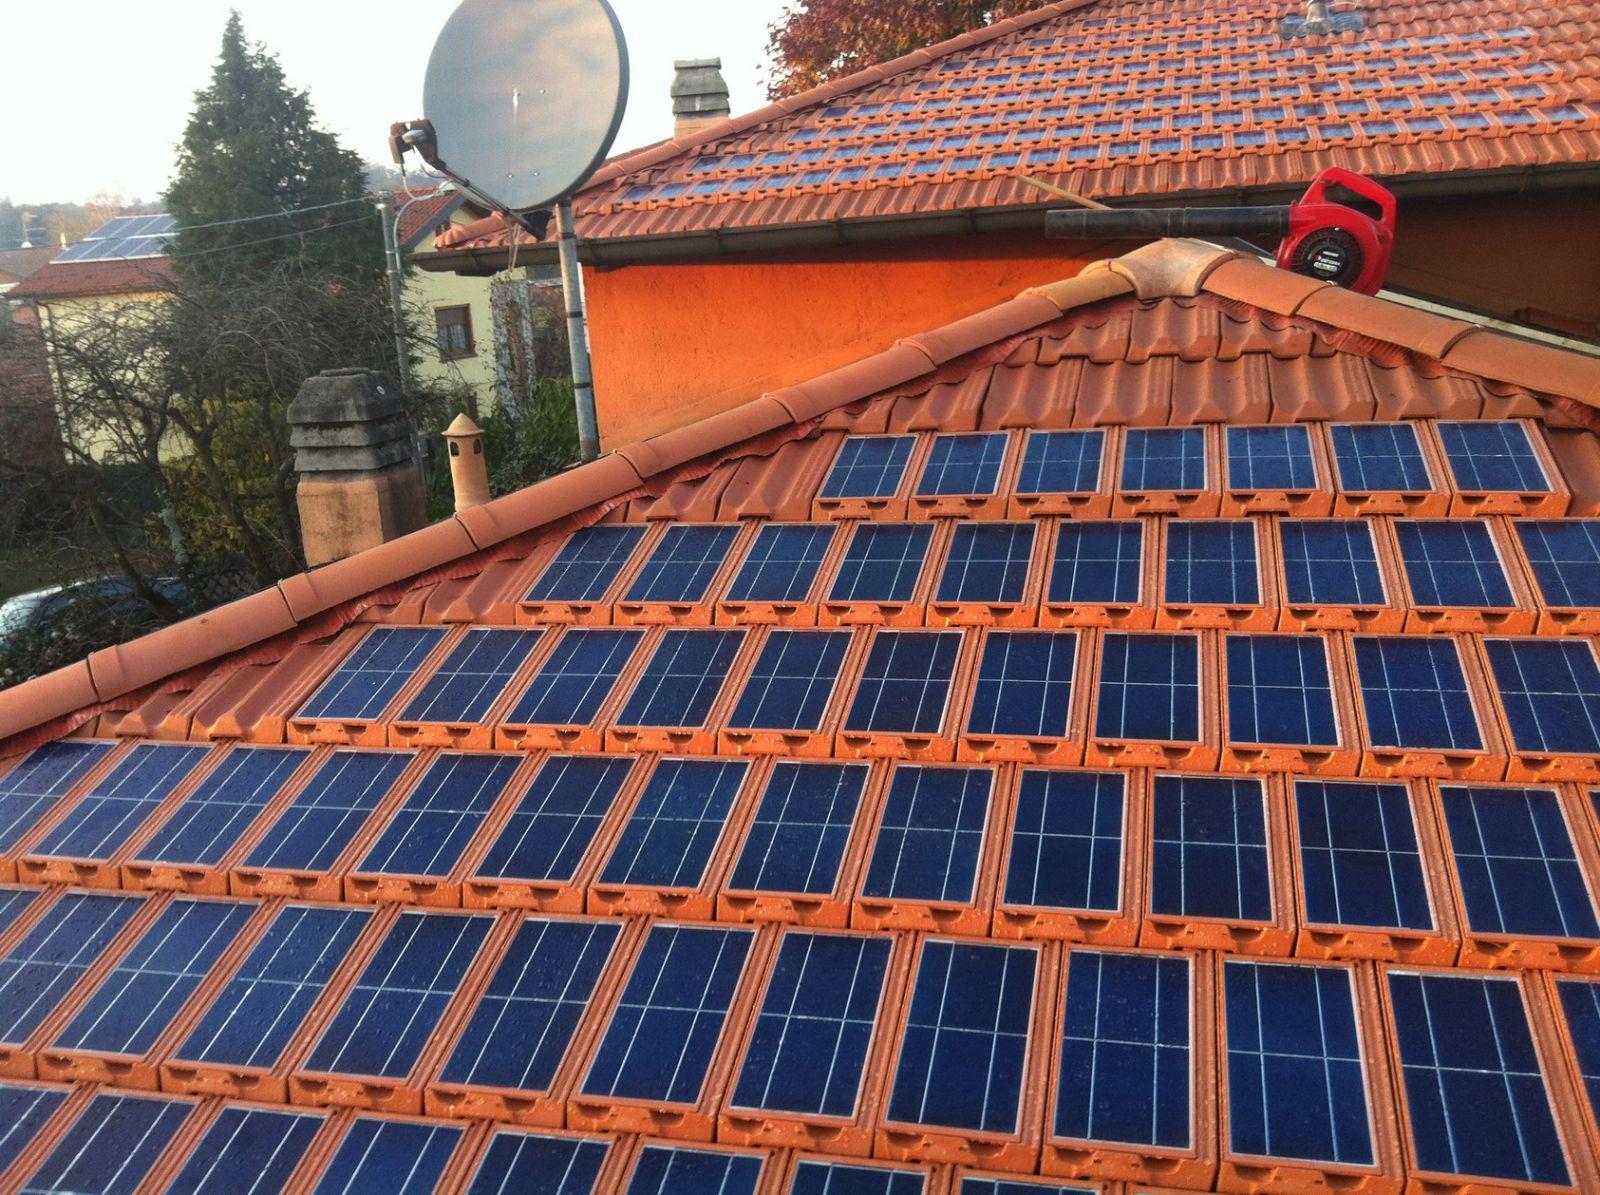 Projem Dergisi Fotovoltaik Panellerde Yeni Bir Form